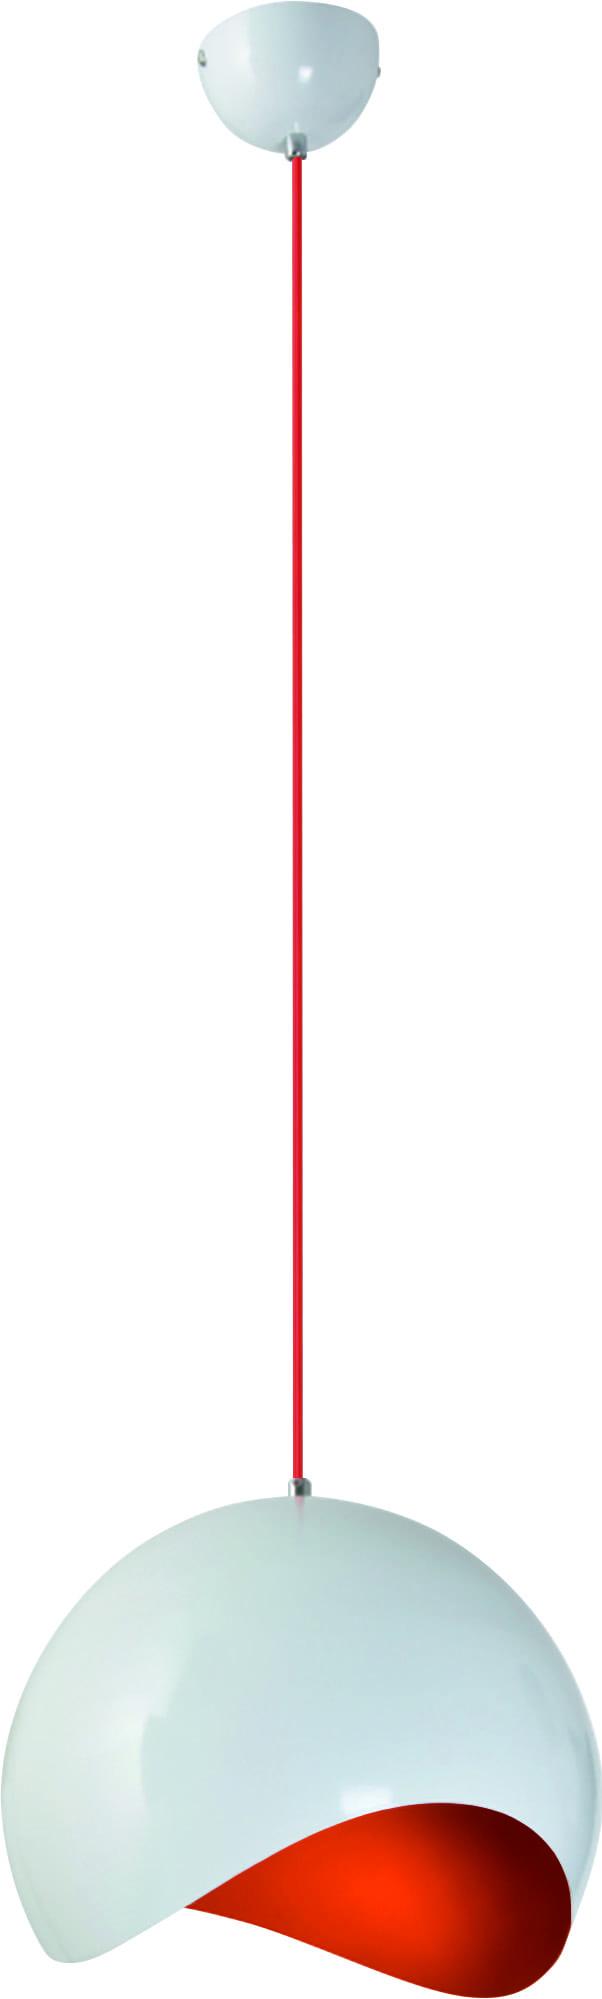 Biała lampa wisząca z czerwonym środkiem Alena